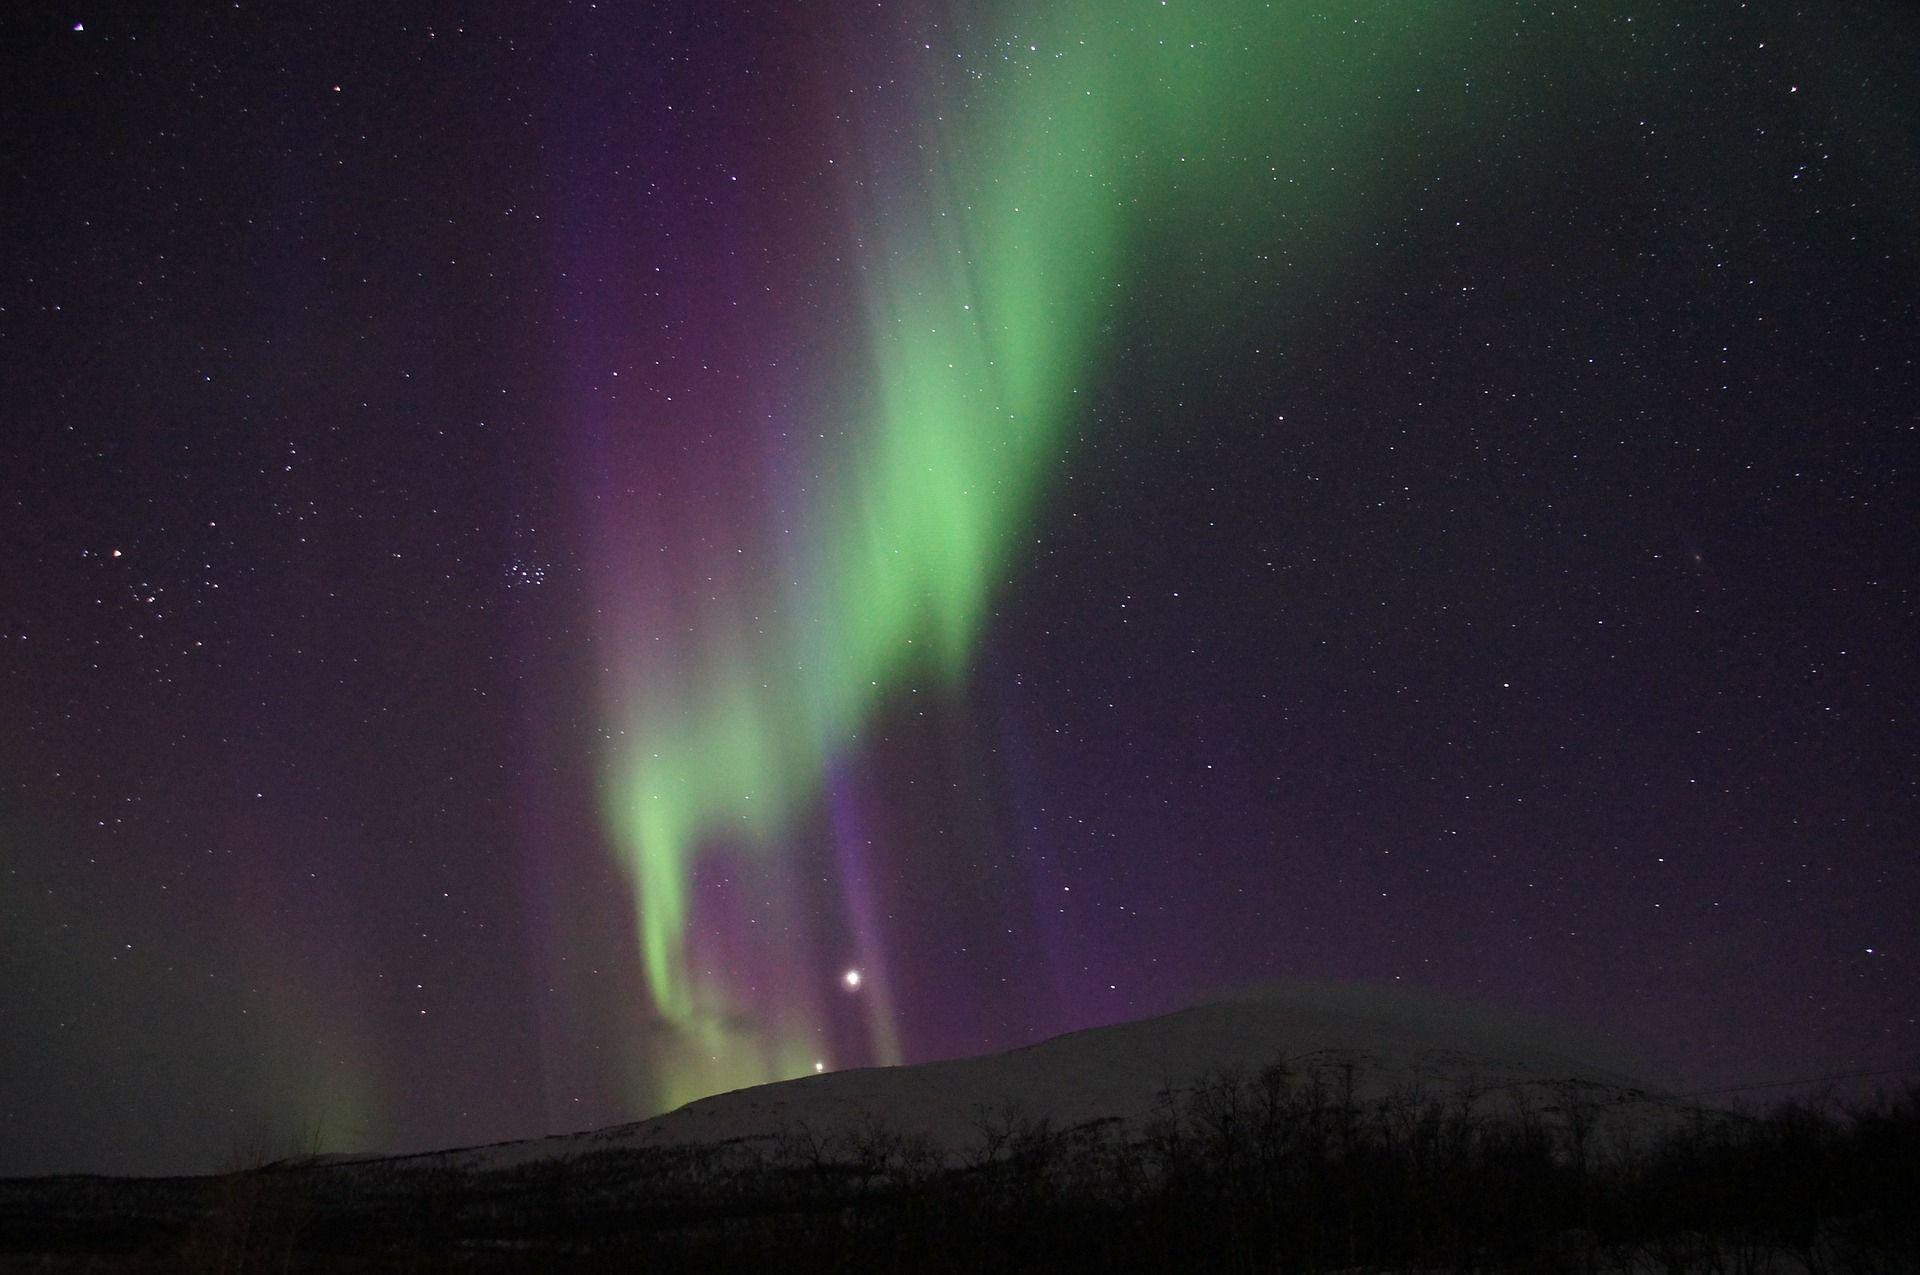 【吉祥獻瑞】超值版~遇見幸福極光(芬蘭)&塔林遊輪(愛沙尼亞)10日(北極特快車臥鋪)